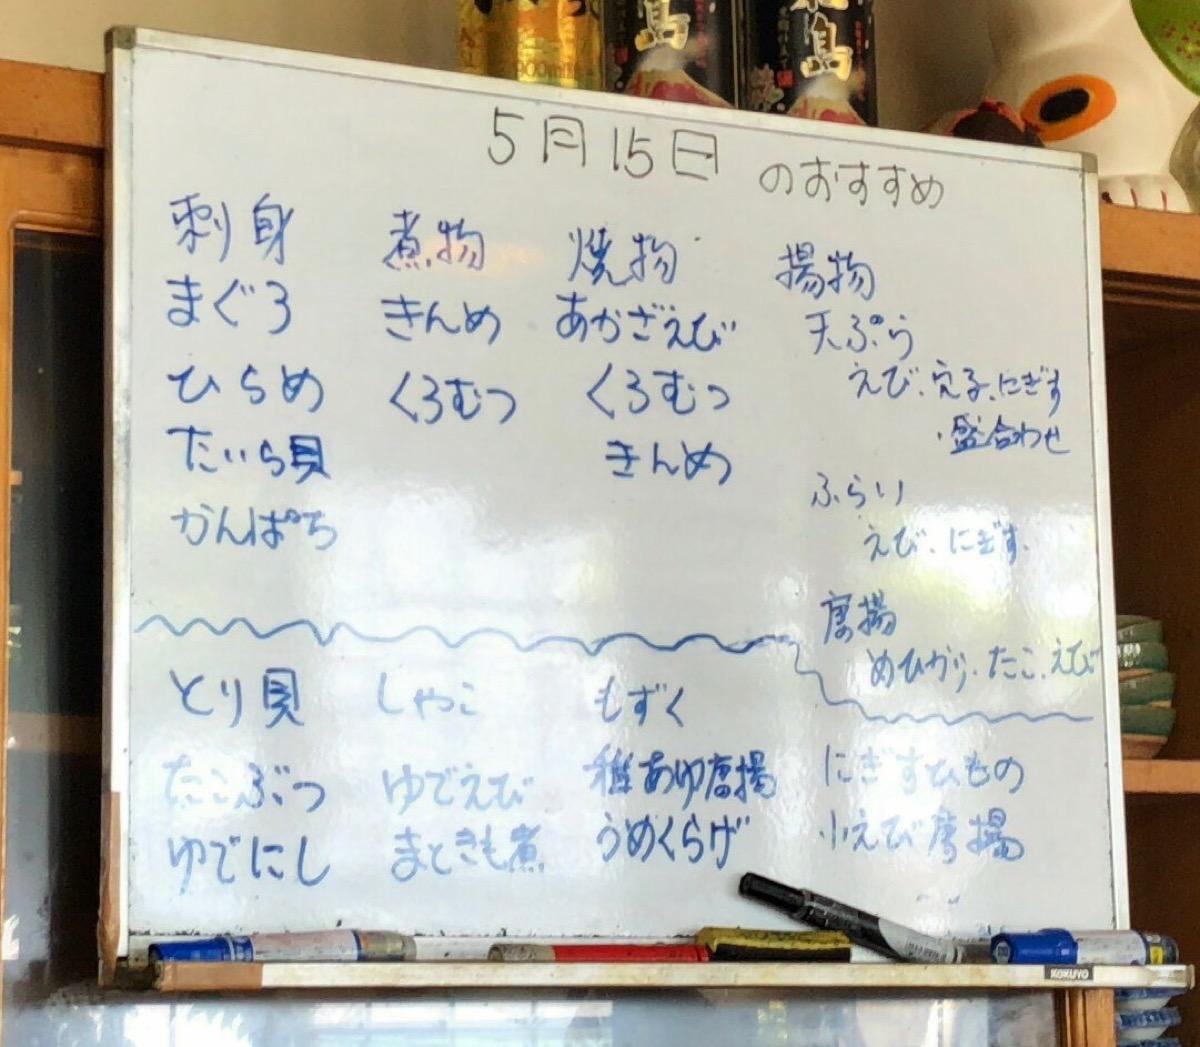 愛知県蒲郡市西浦「いちふく」の2018年5月15日のおすすめ